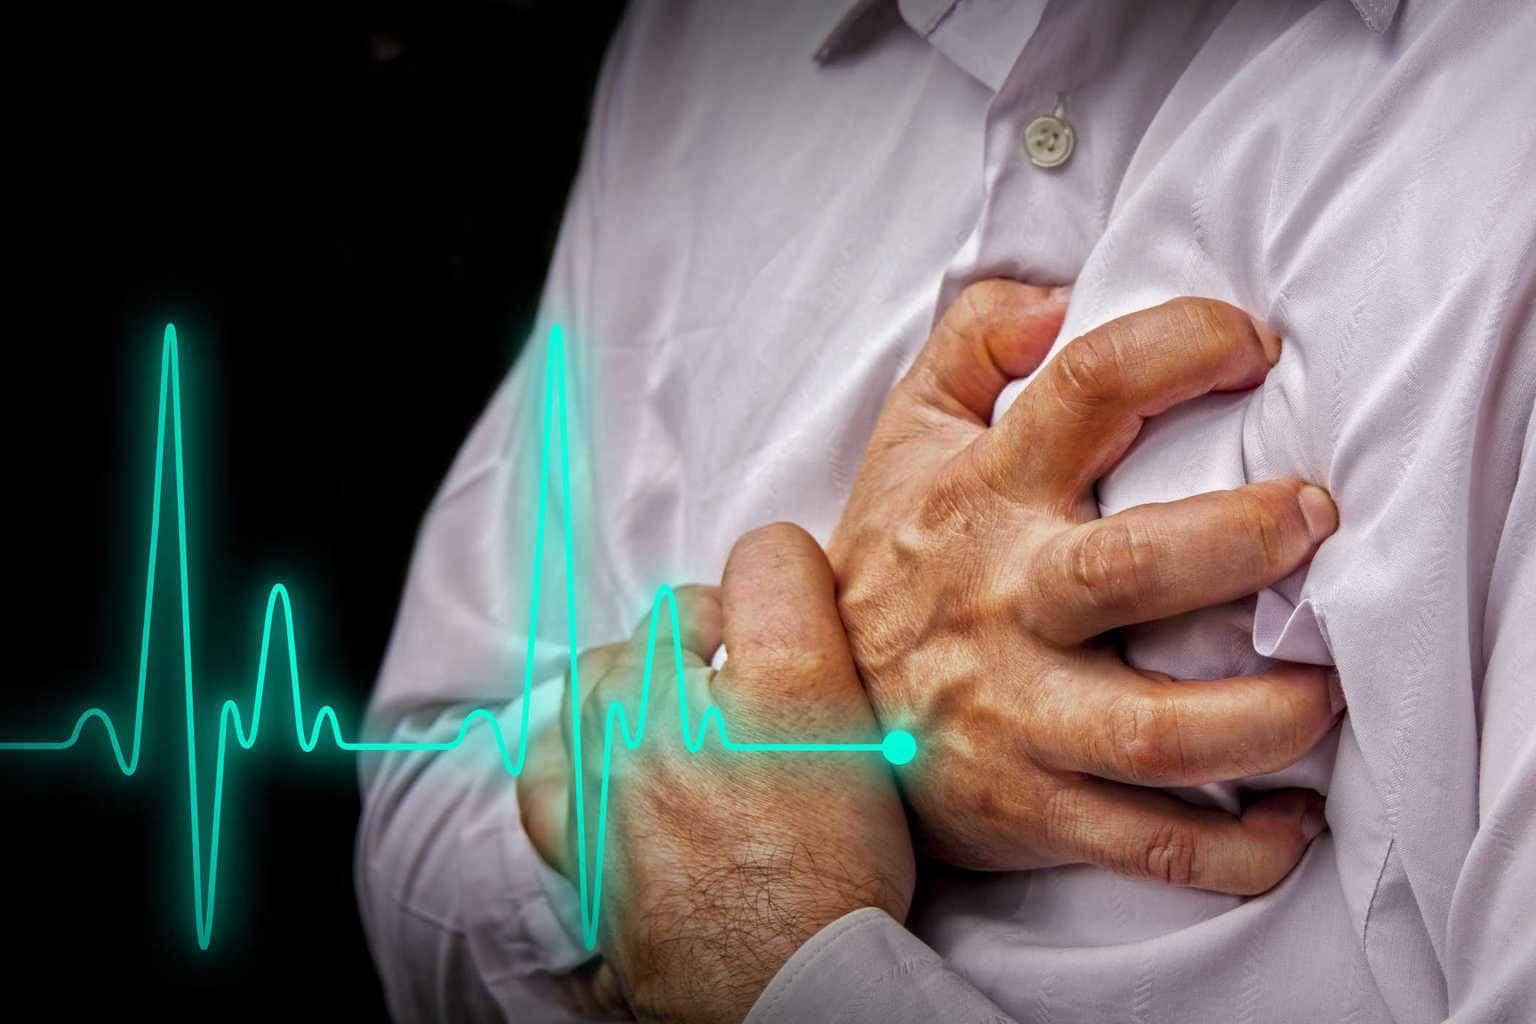 Кардиолог Литвякова рассказала о нетипичном проявлении инфаркта в нижней челюсти